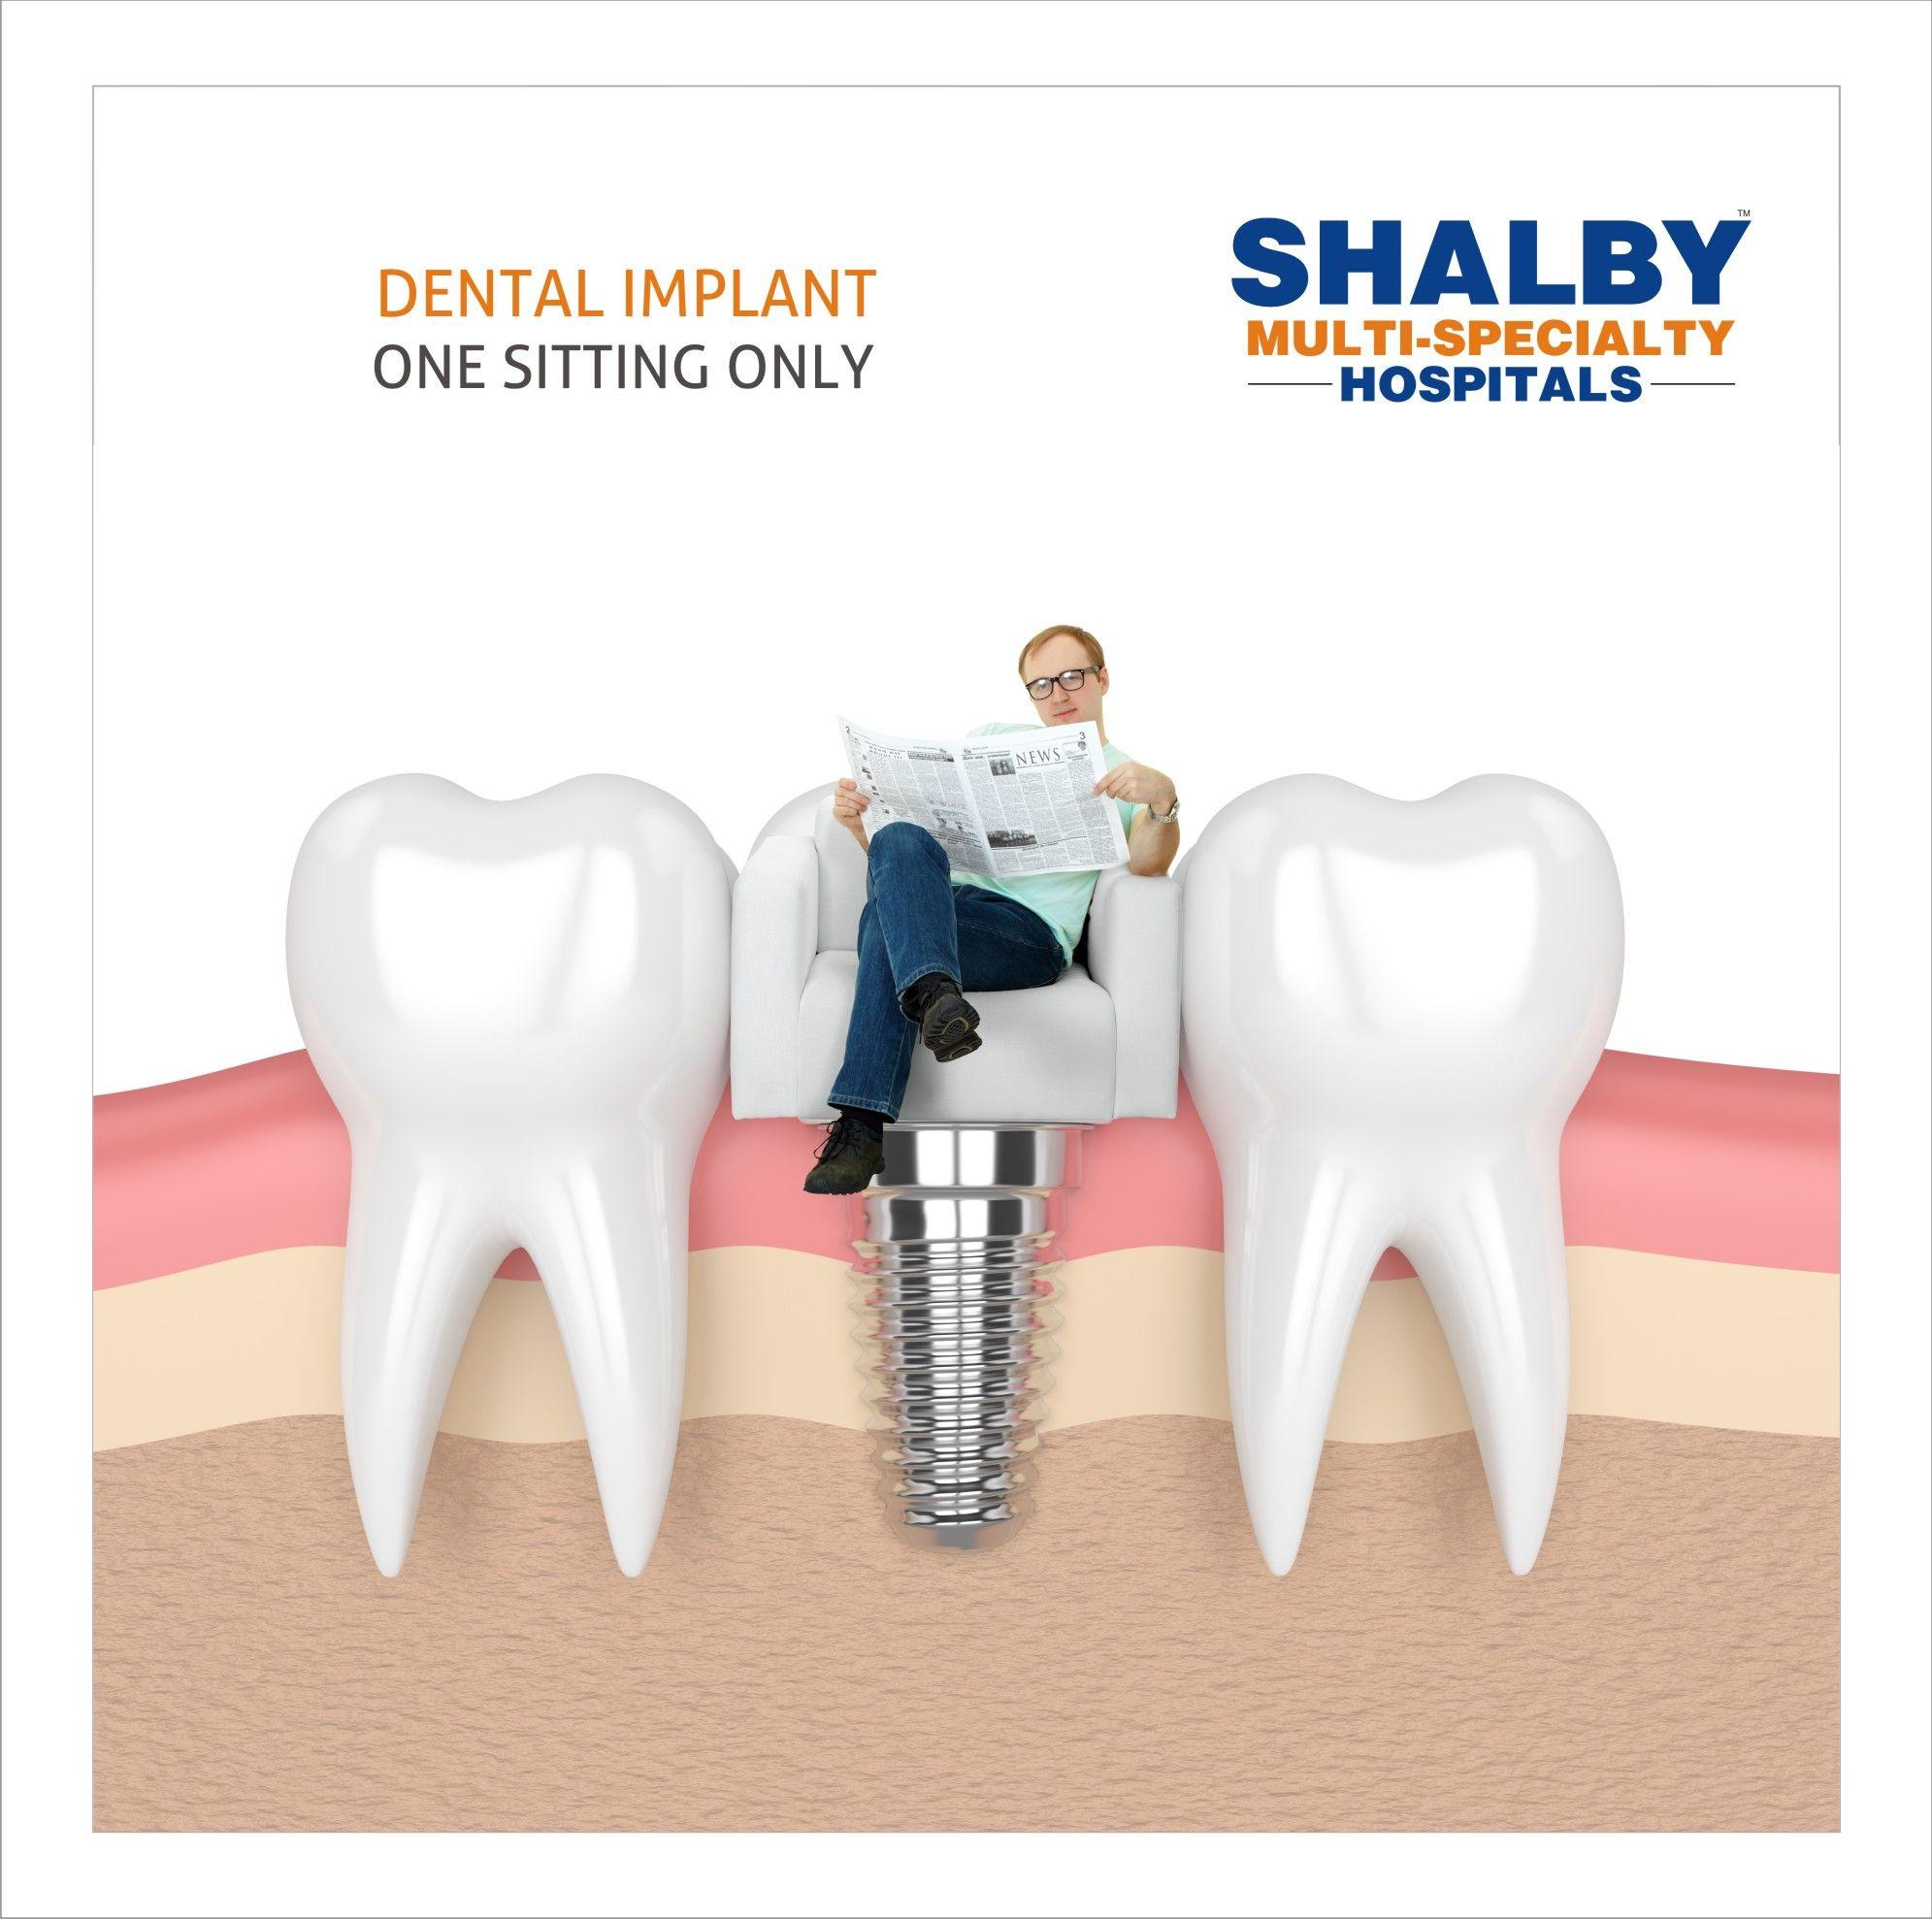 Implant Dentist Implant dentist, Dental implants, Dental